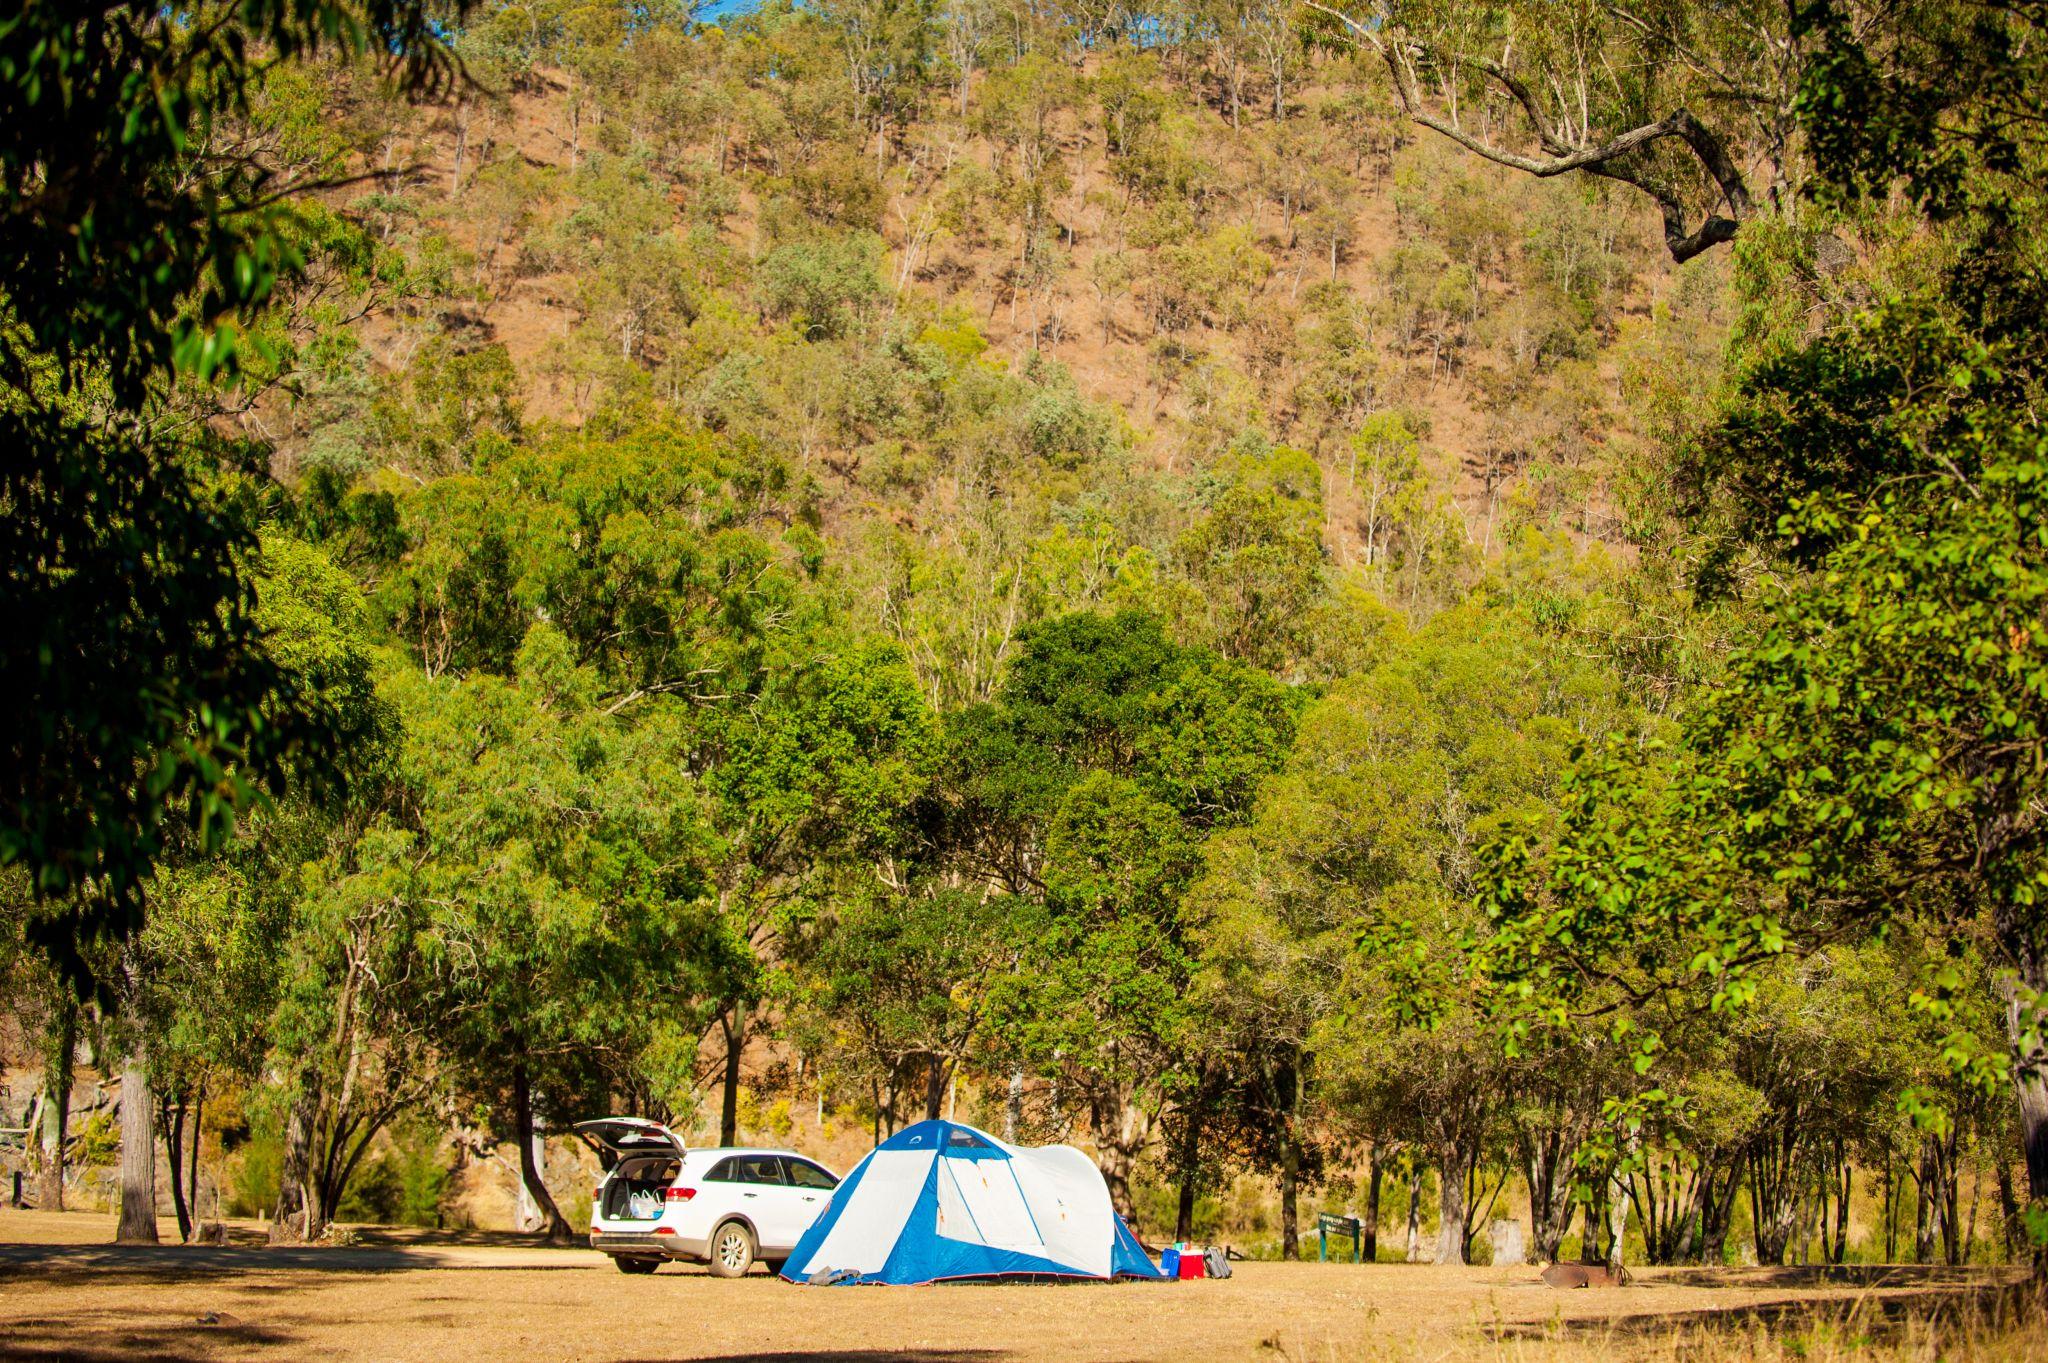 camping in Emu Park